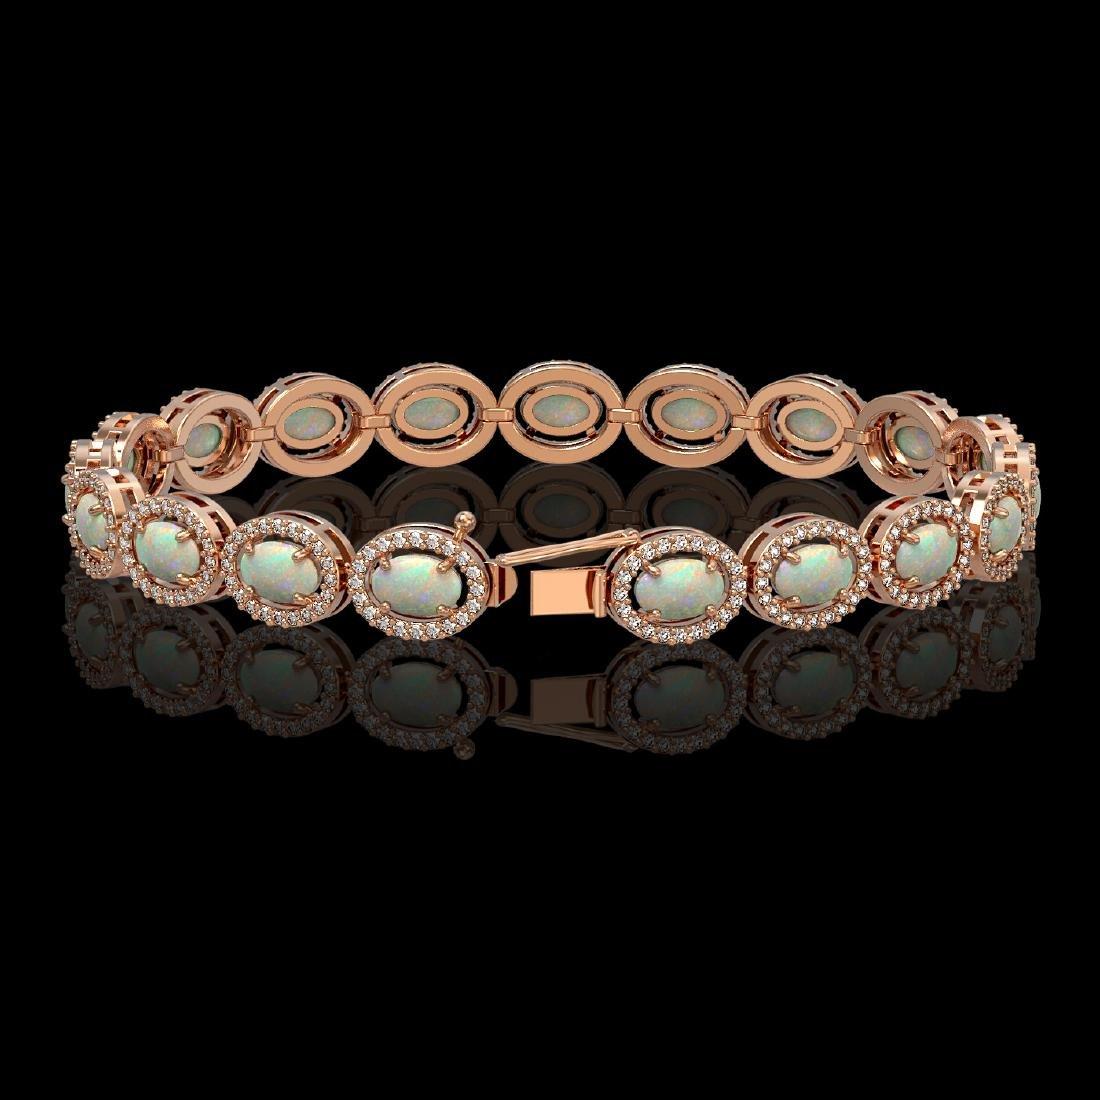 9.5 CTW Opal & Diamond Halo Bracelet 10K Rose Gold